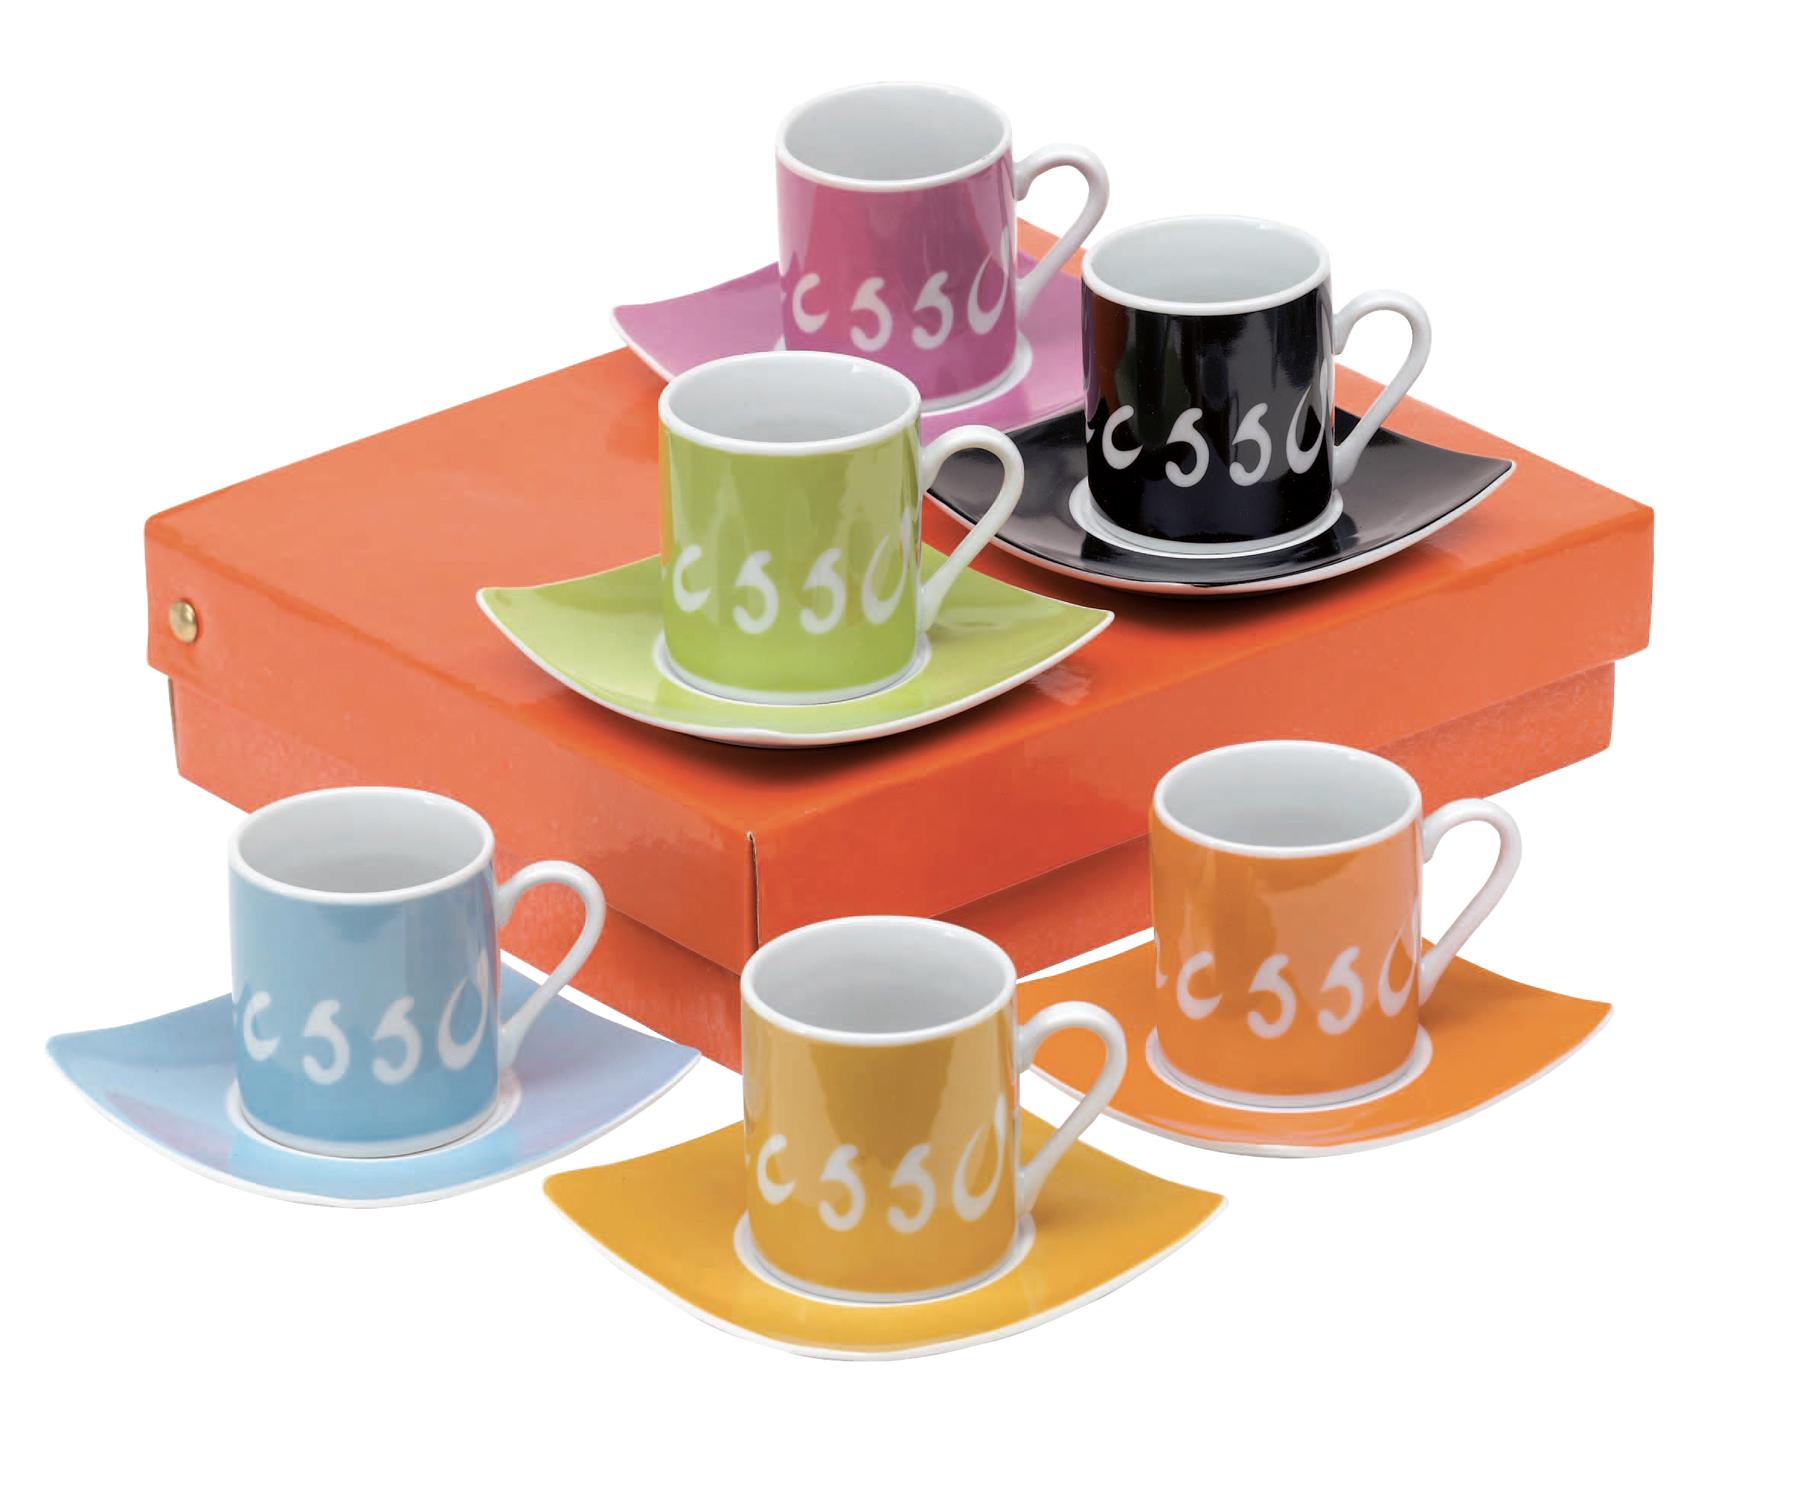 Zestaw do espresso, kolorowy